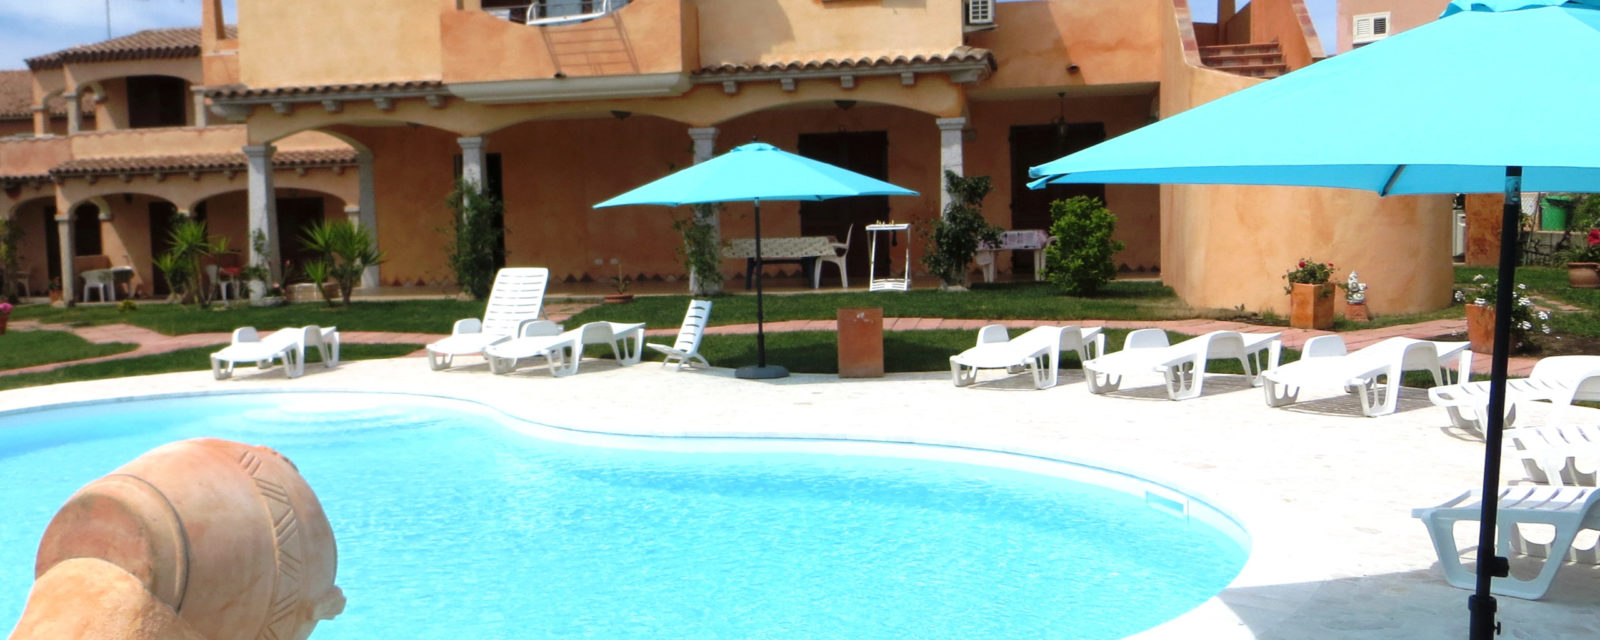 Hotel Il Viandante a San Teodoro Sardegna